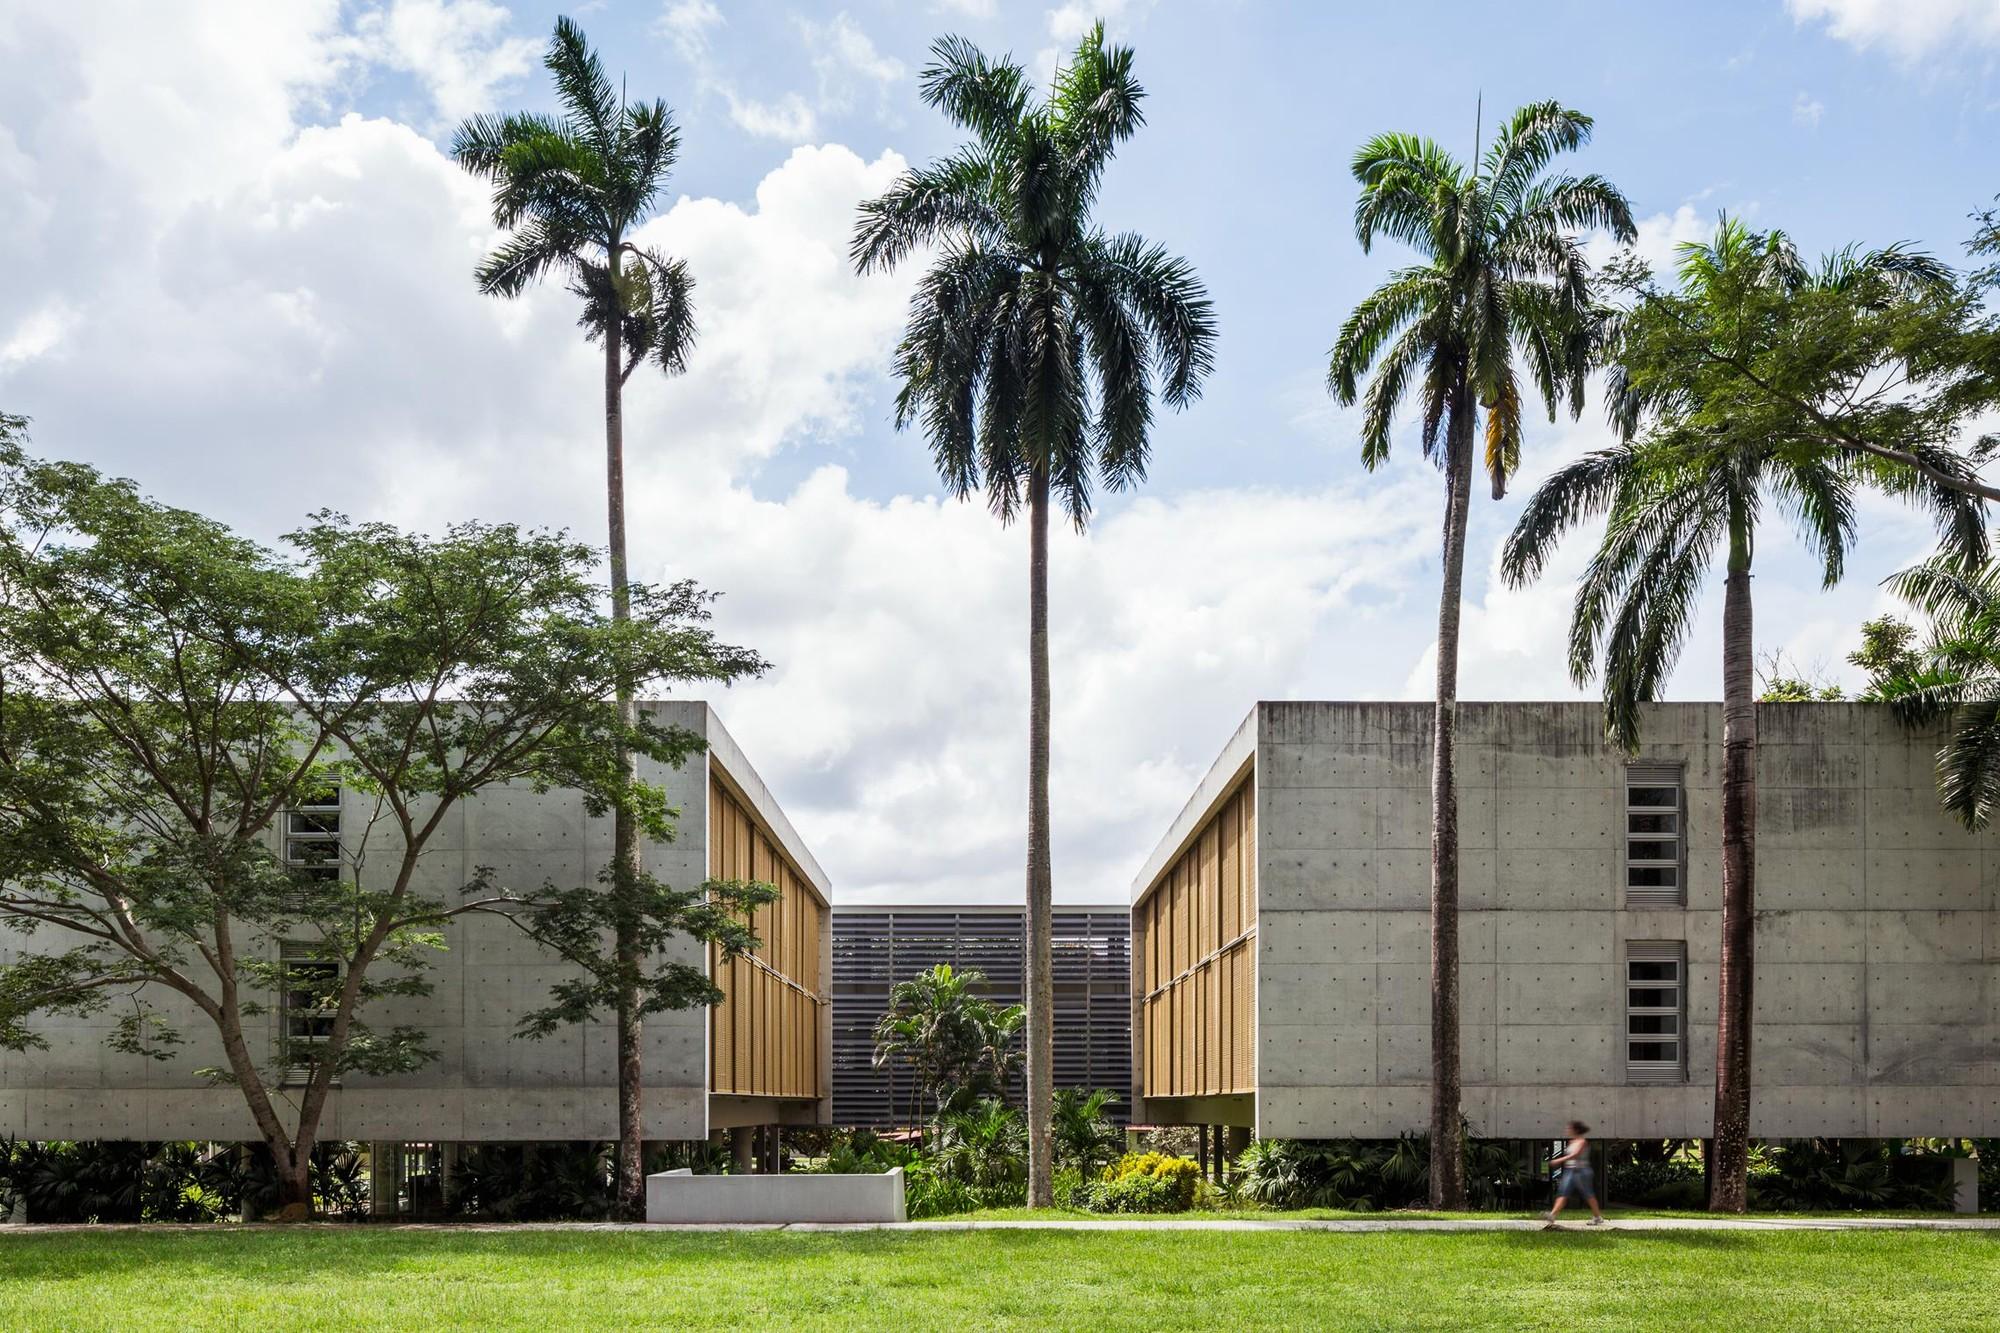 Alojamento Estudantil na Ciudad del Saber / [sic] arquitetura, © Ana Mello